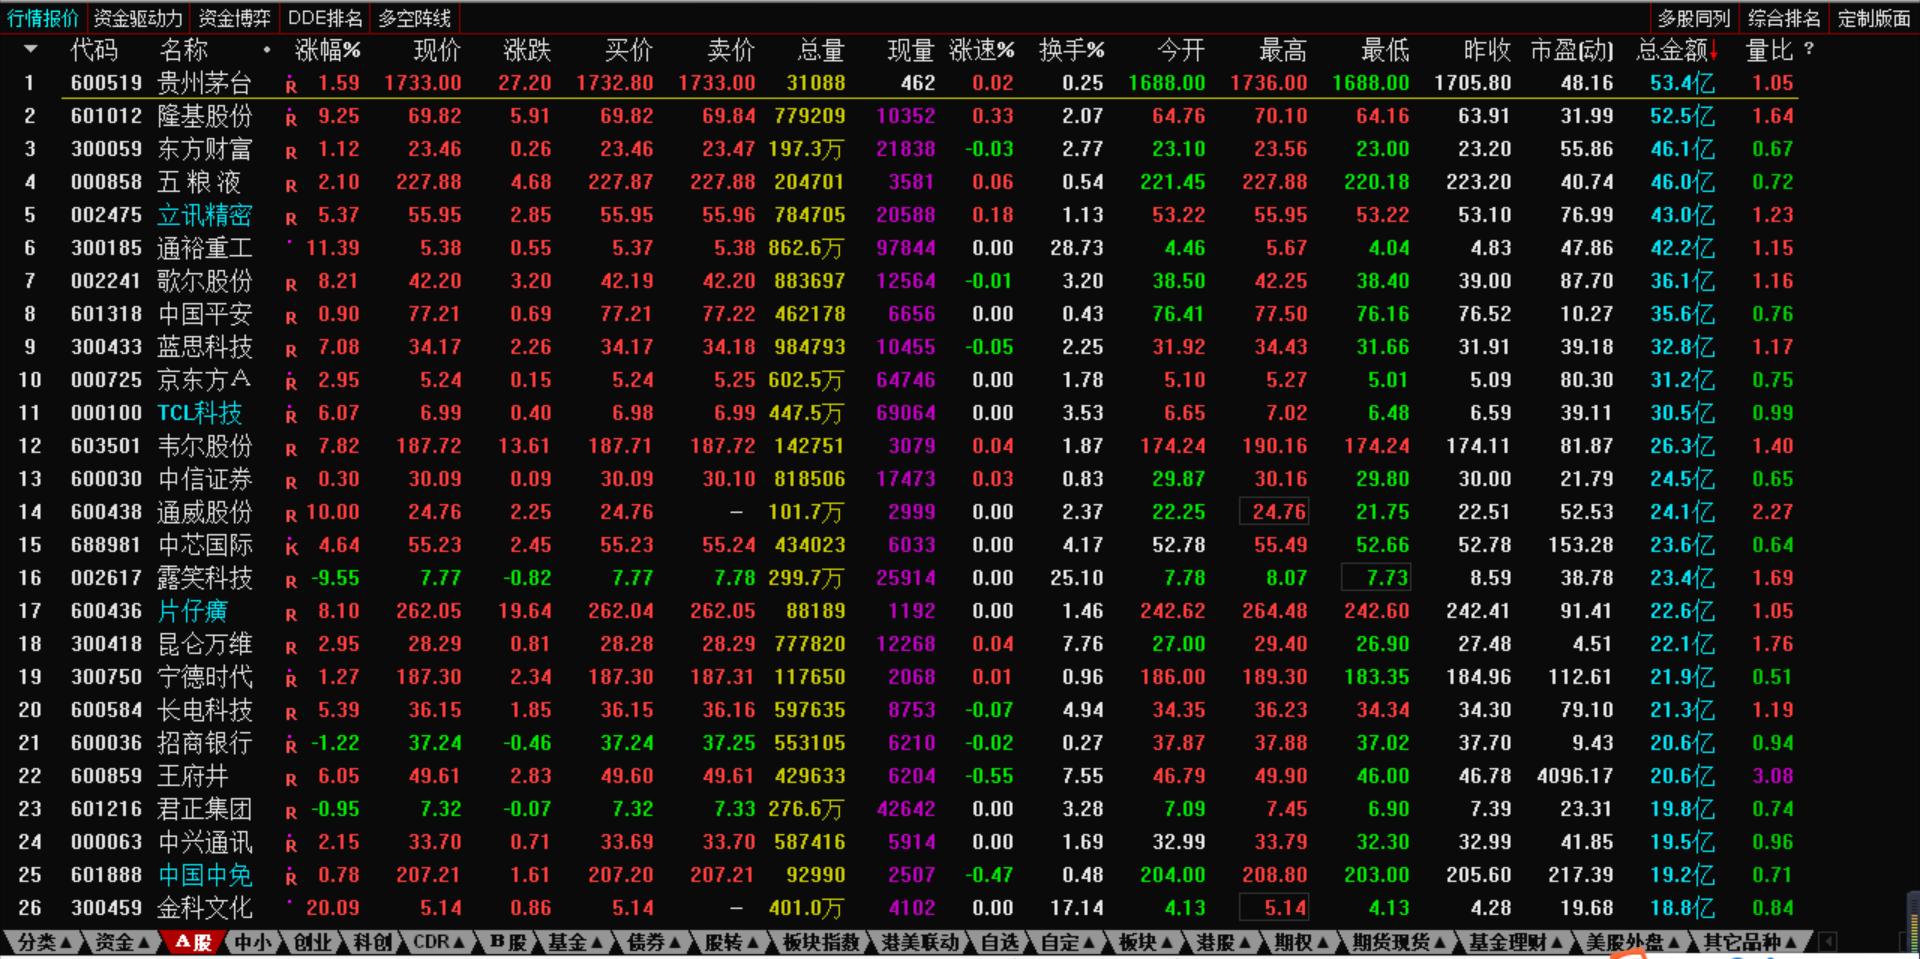 9月15号股票市场机会即将到来!|机智软件